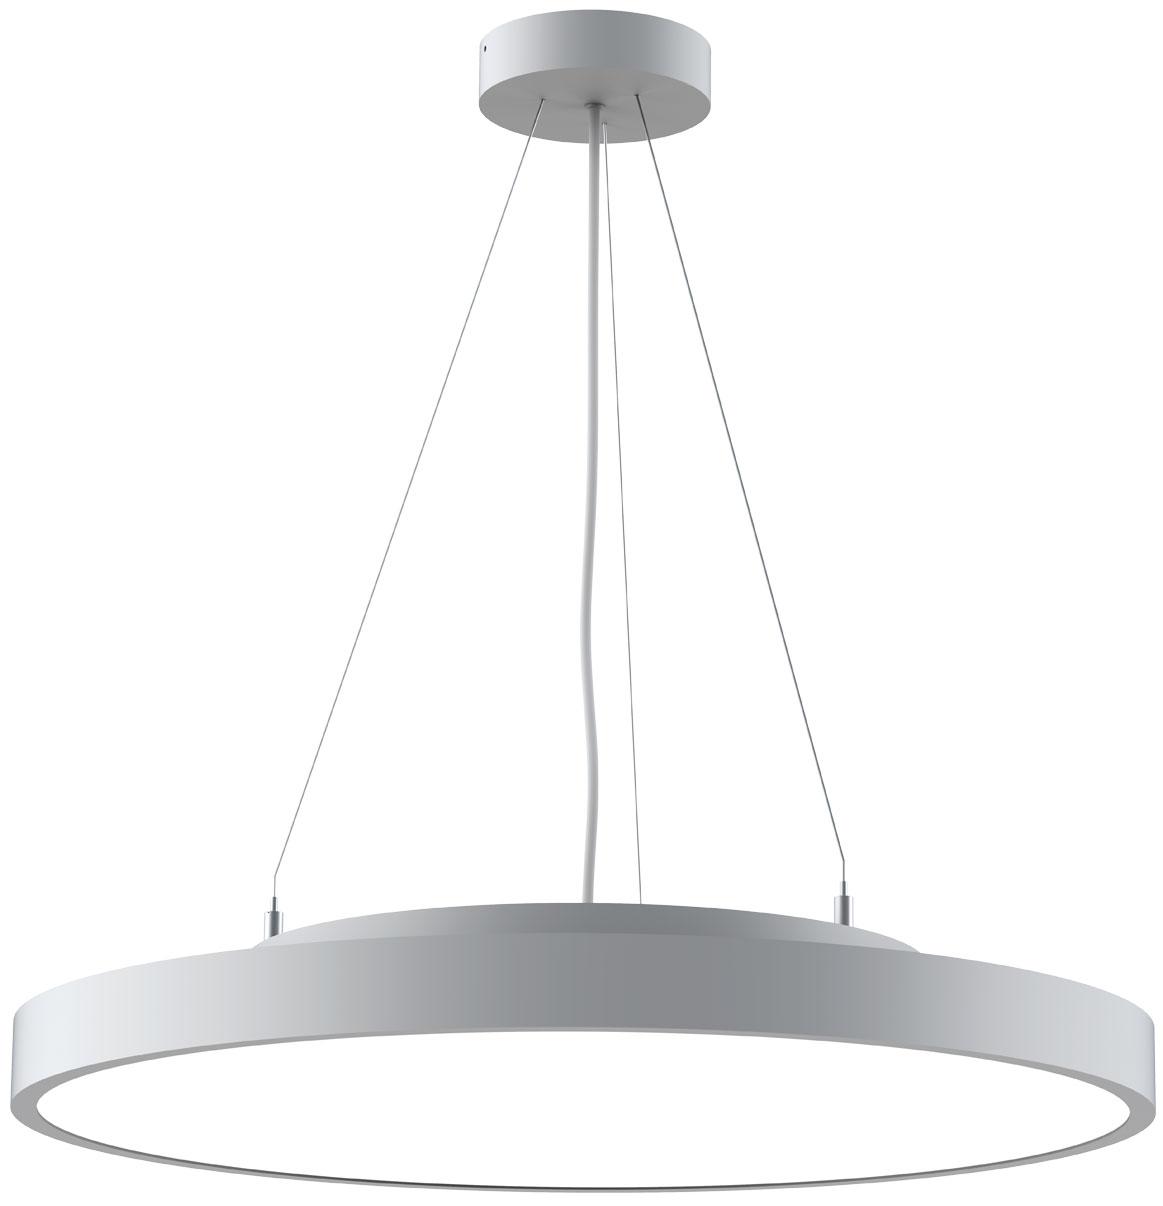 LED-Pendelleuchte PL-14 silber mit Seilabhängung